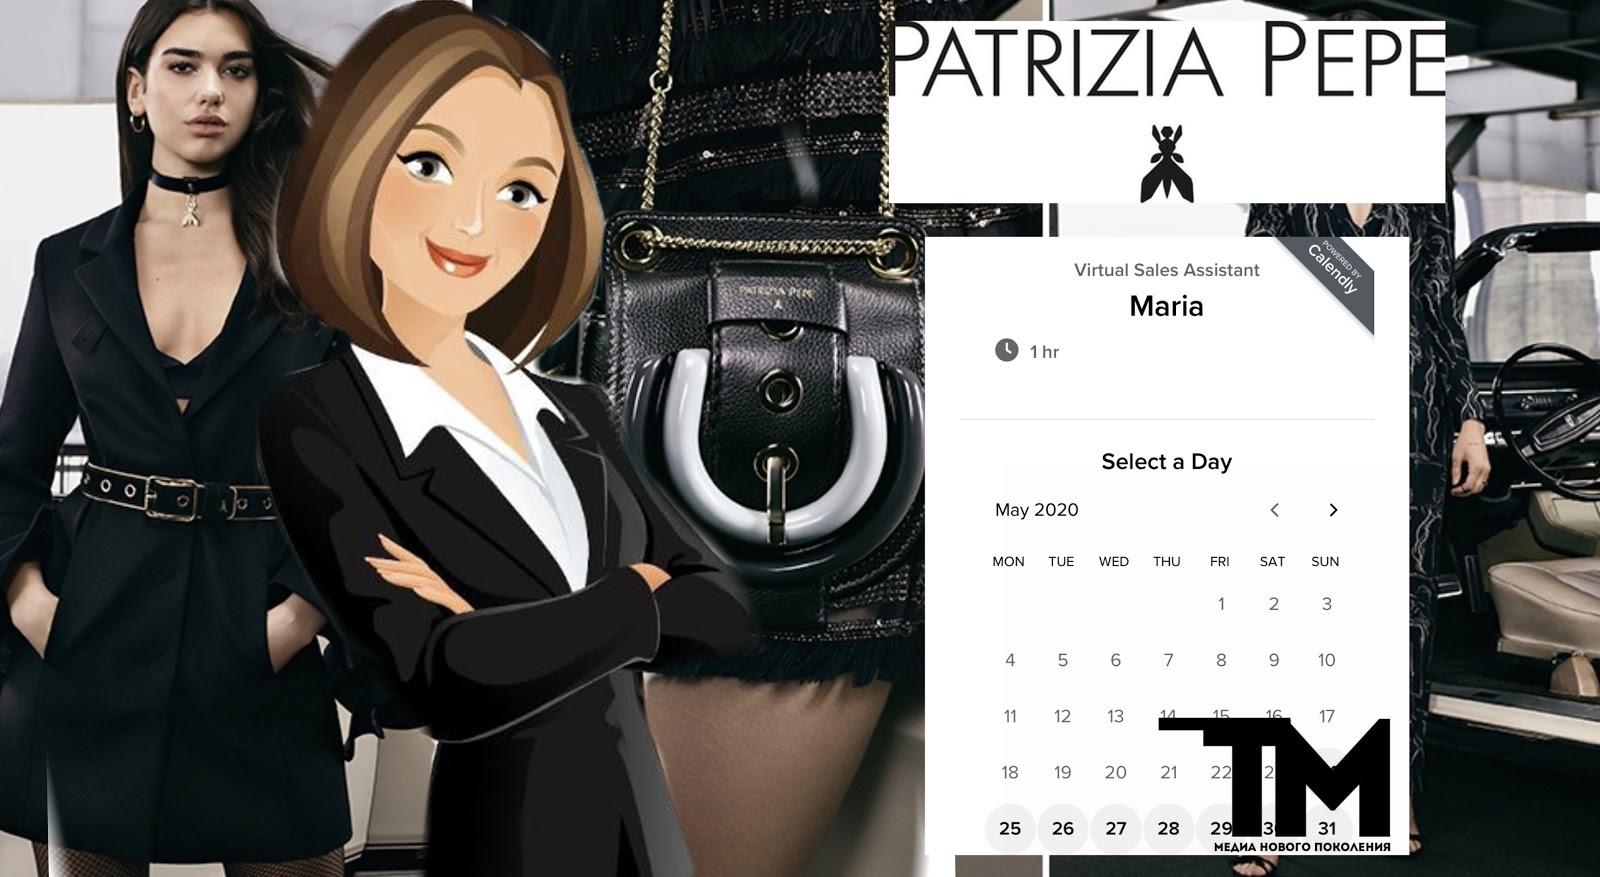 Patrizia Pepe и Google предлагают услуги виртуального шопинг-ассистента